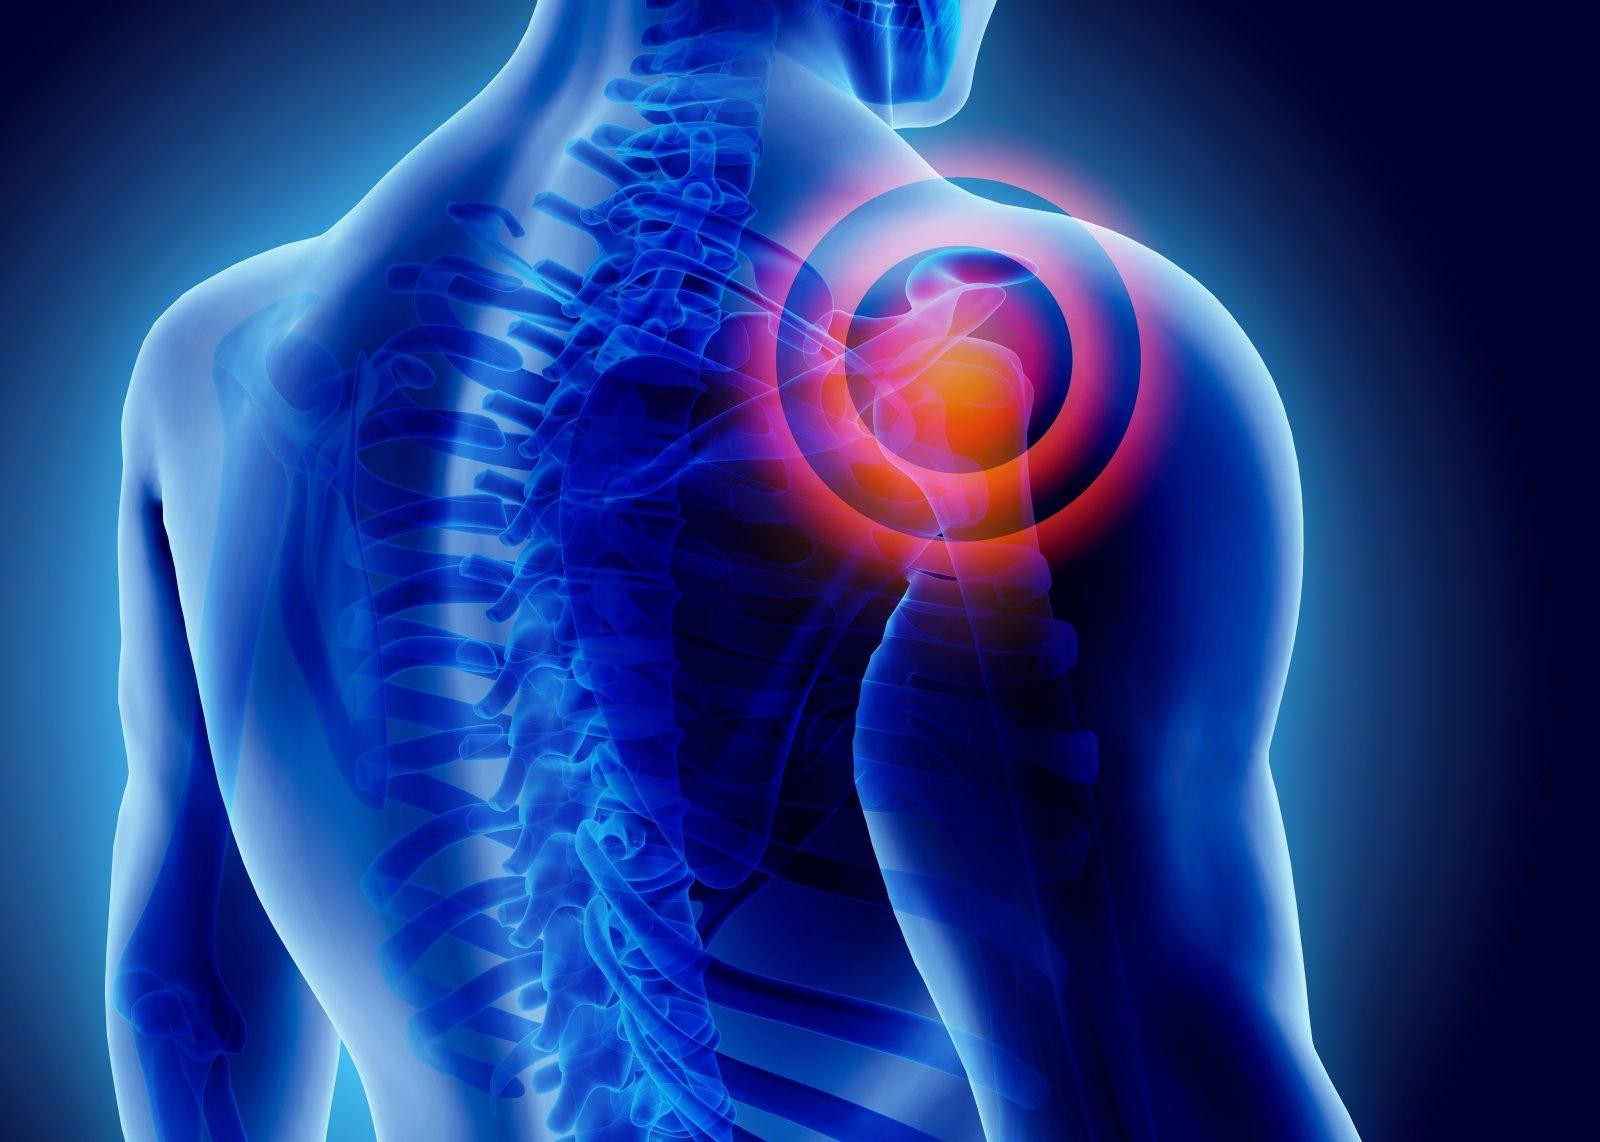 skausmui malšinti peties sąnario zozhe žmonės receptai iš sustav skausmo